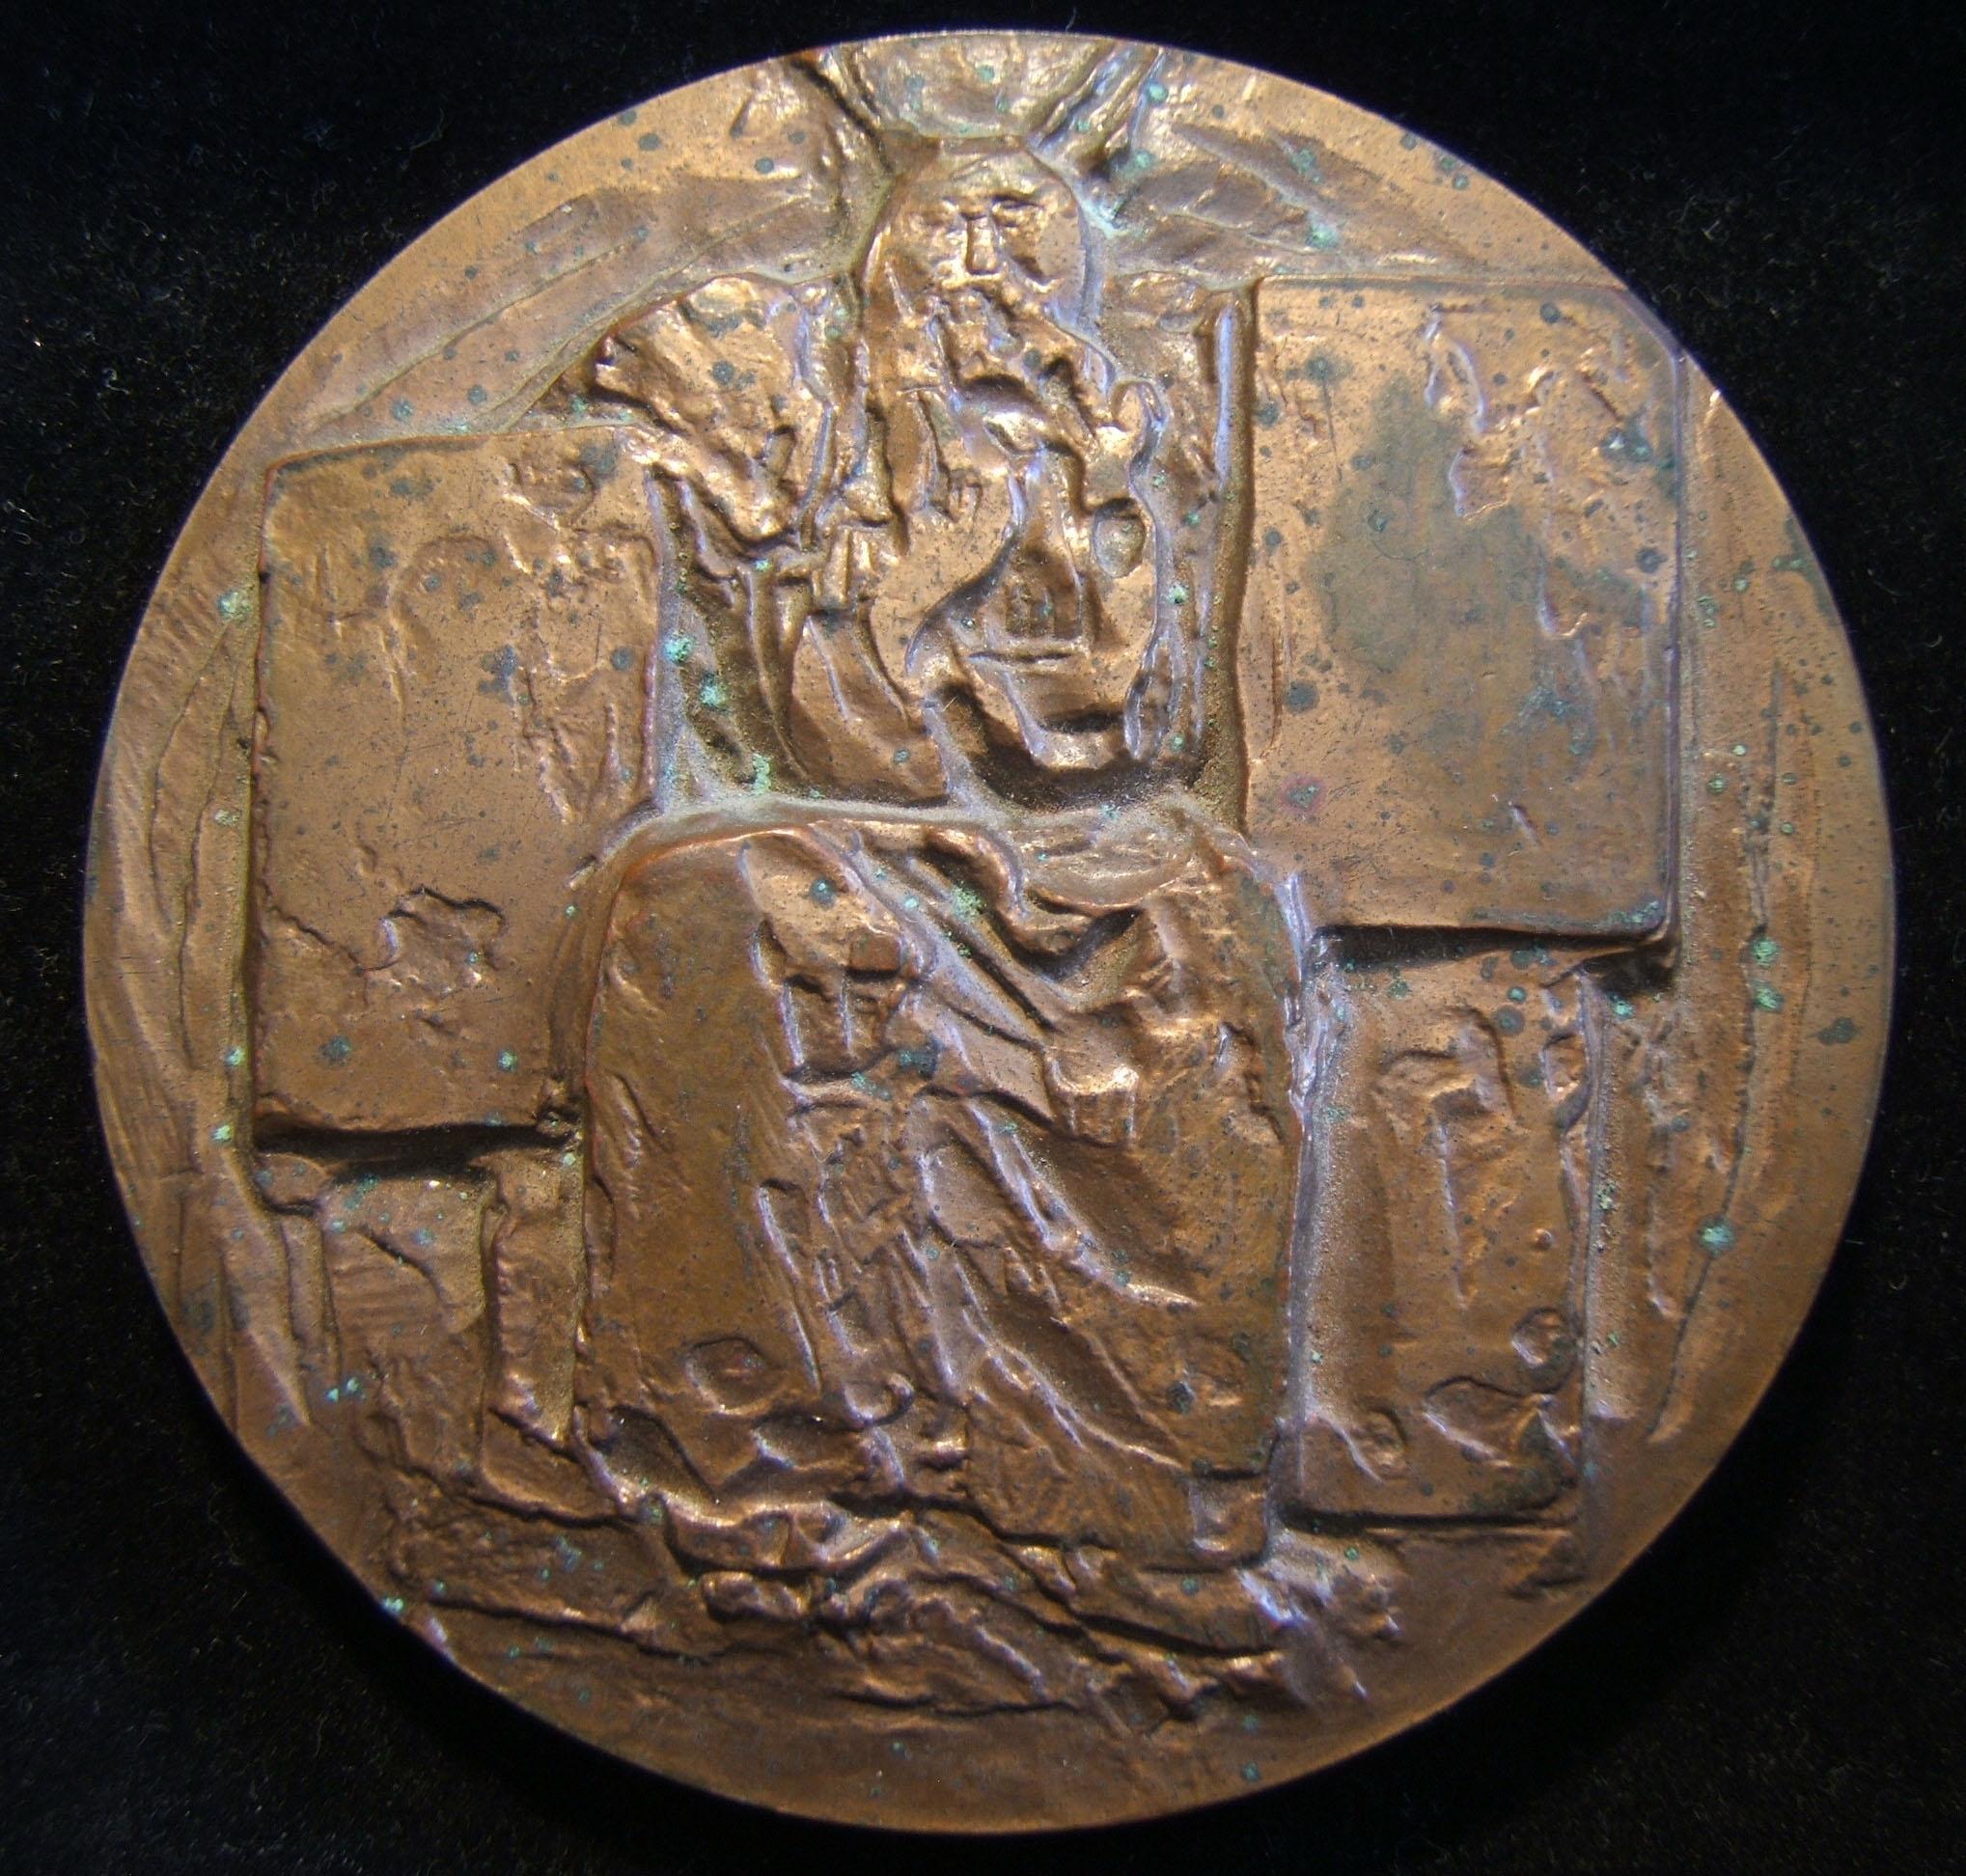 Frankreich: Medaille des Moses von Roger Henri Courroy (1912-2011), 1971; aus Bronze mit Kupferlegierung; Größe: 7,15 cm; Gewicht: 222,55 g. Vorderseite zeigt Moses im Sitzen mit b